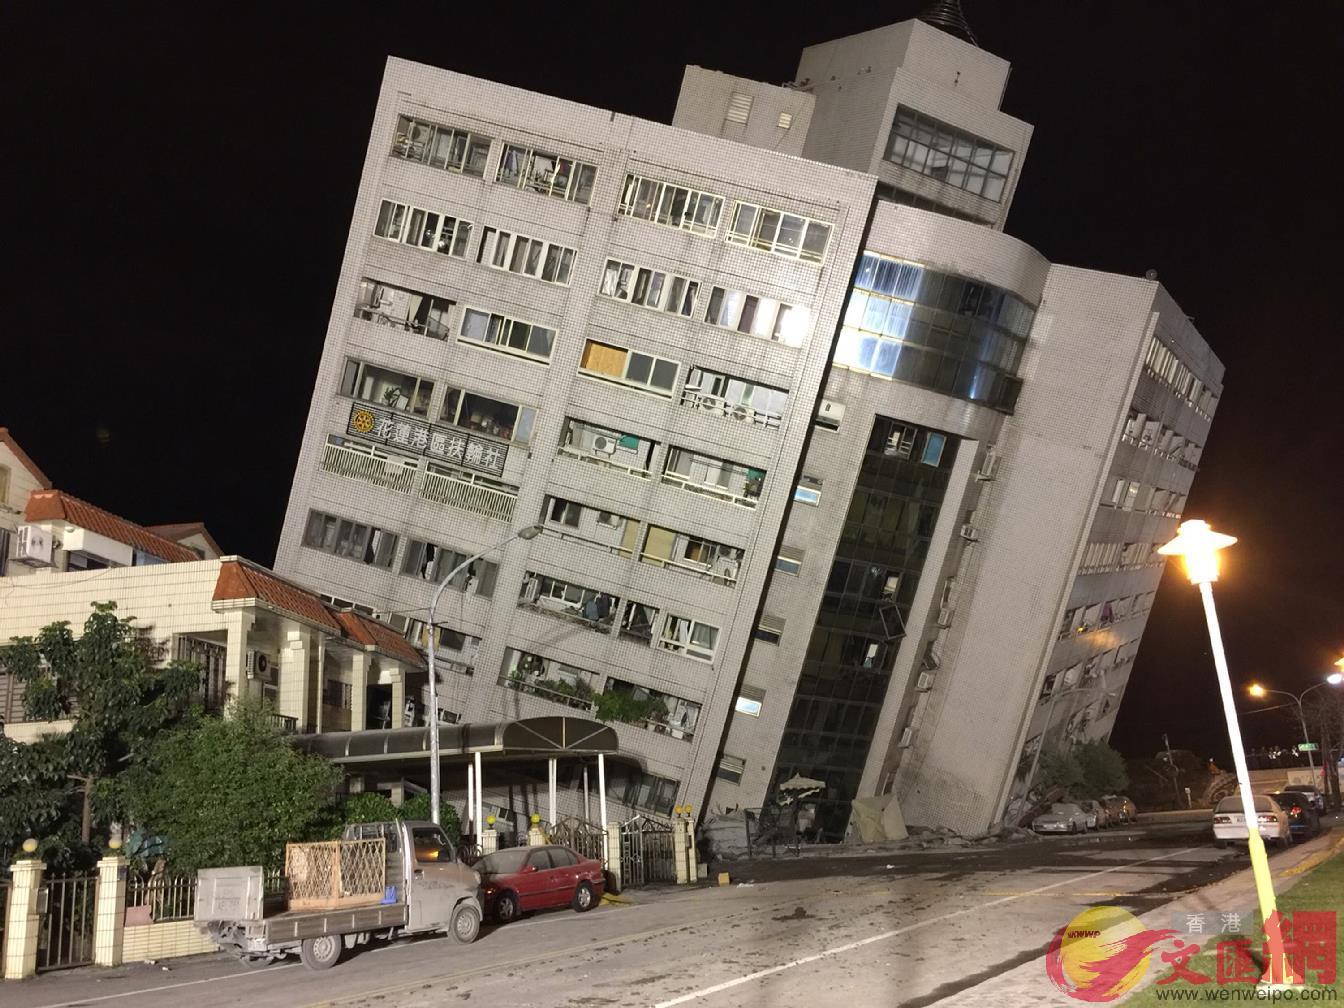 7日01:45:強震已造成5幢大樓倒塌,包括花蓮國盛一街1號大樓、國盛六街41號民宅、統帥大飯店、前站阿官火鍋大樓,以及美崙飯店。